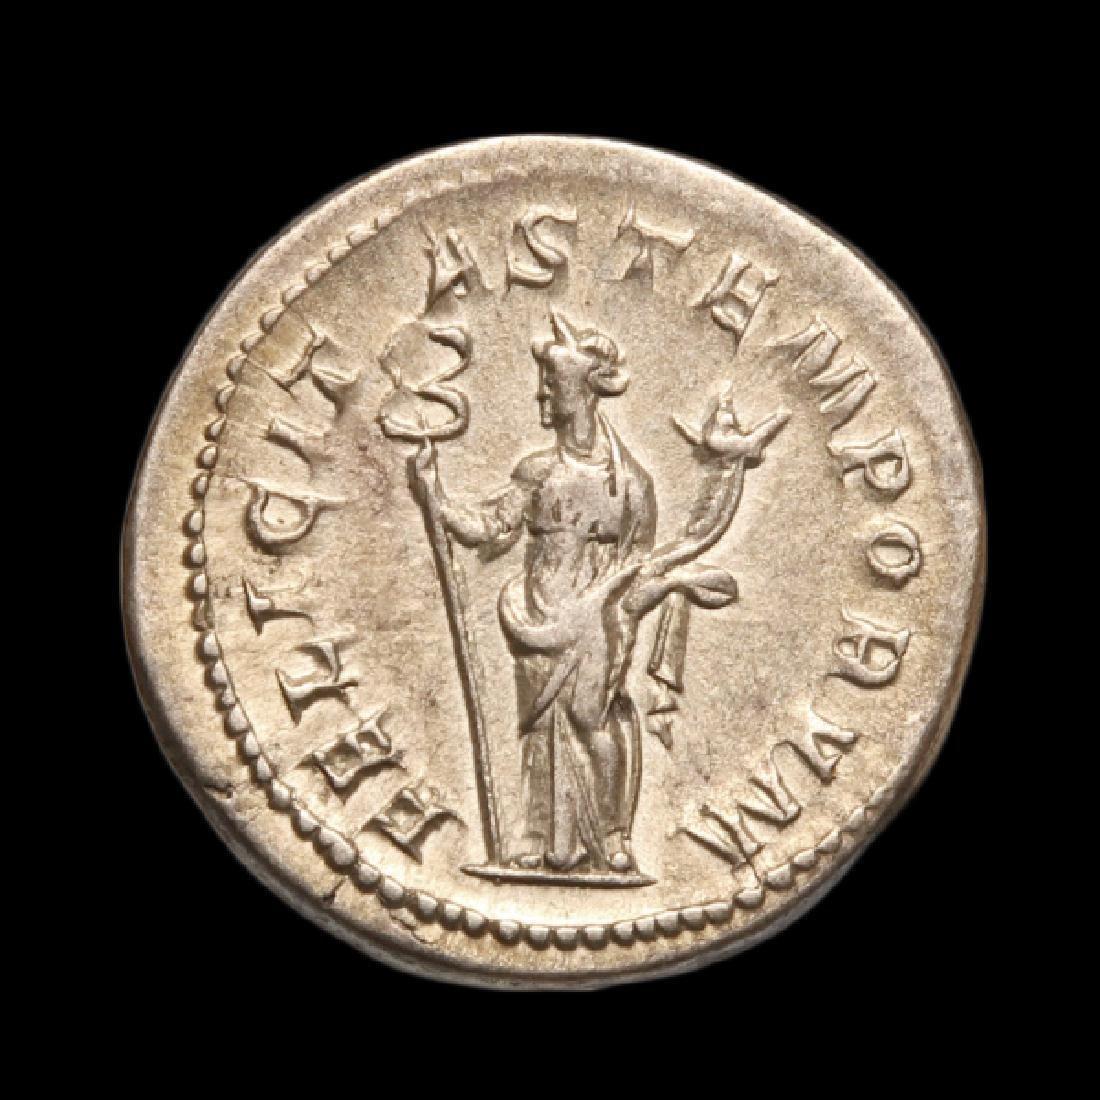 Emperor Gordianus III & Felicity Coin, Struck A.D. - 2